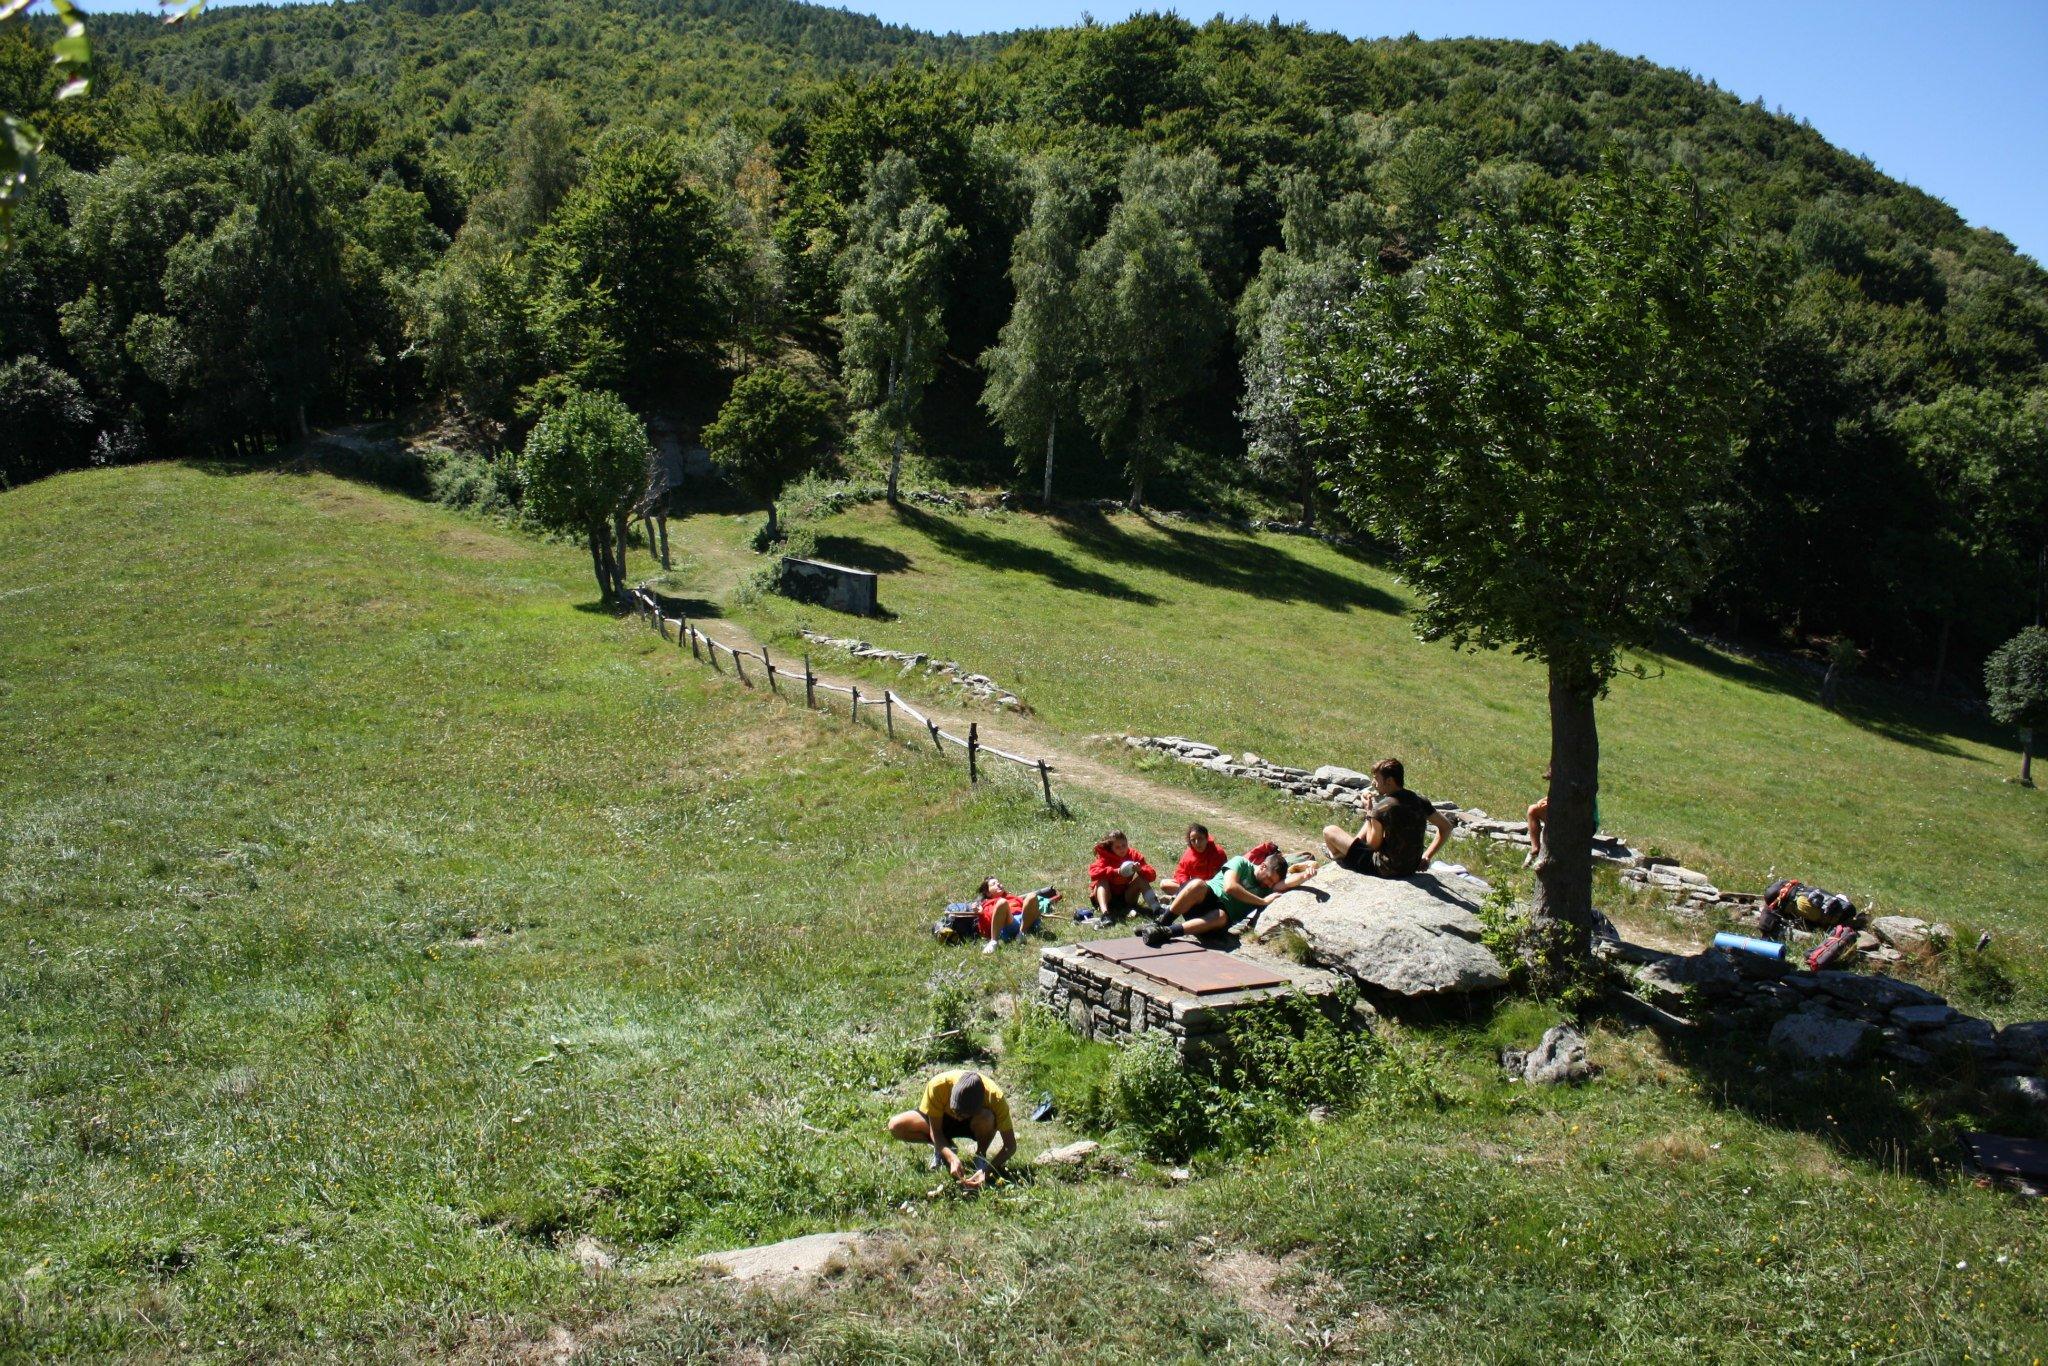 Legge Campeggi Regione Piemonte: arrivare preparati ai campi